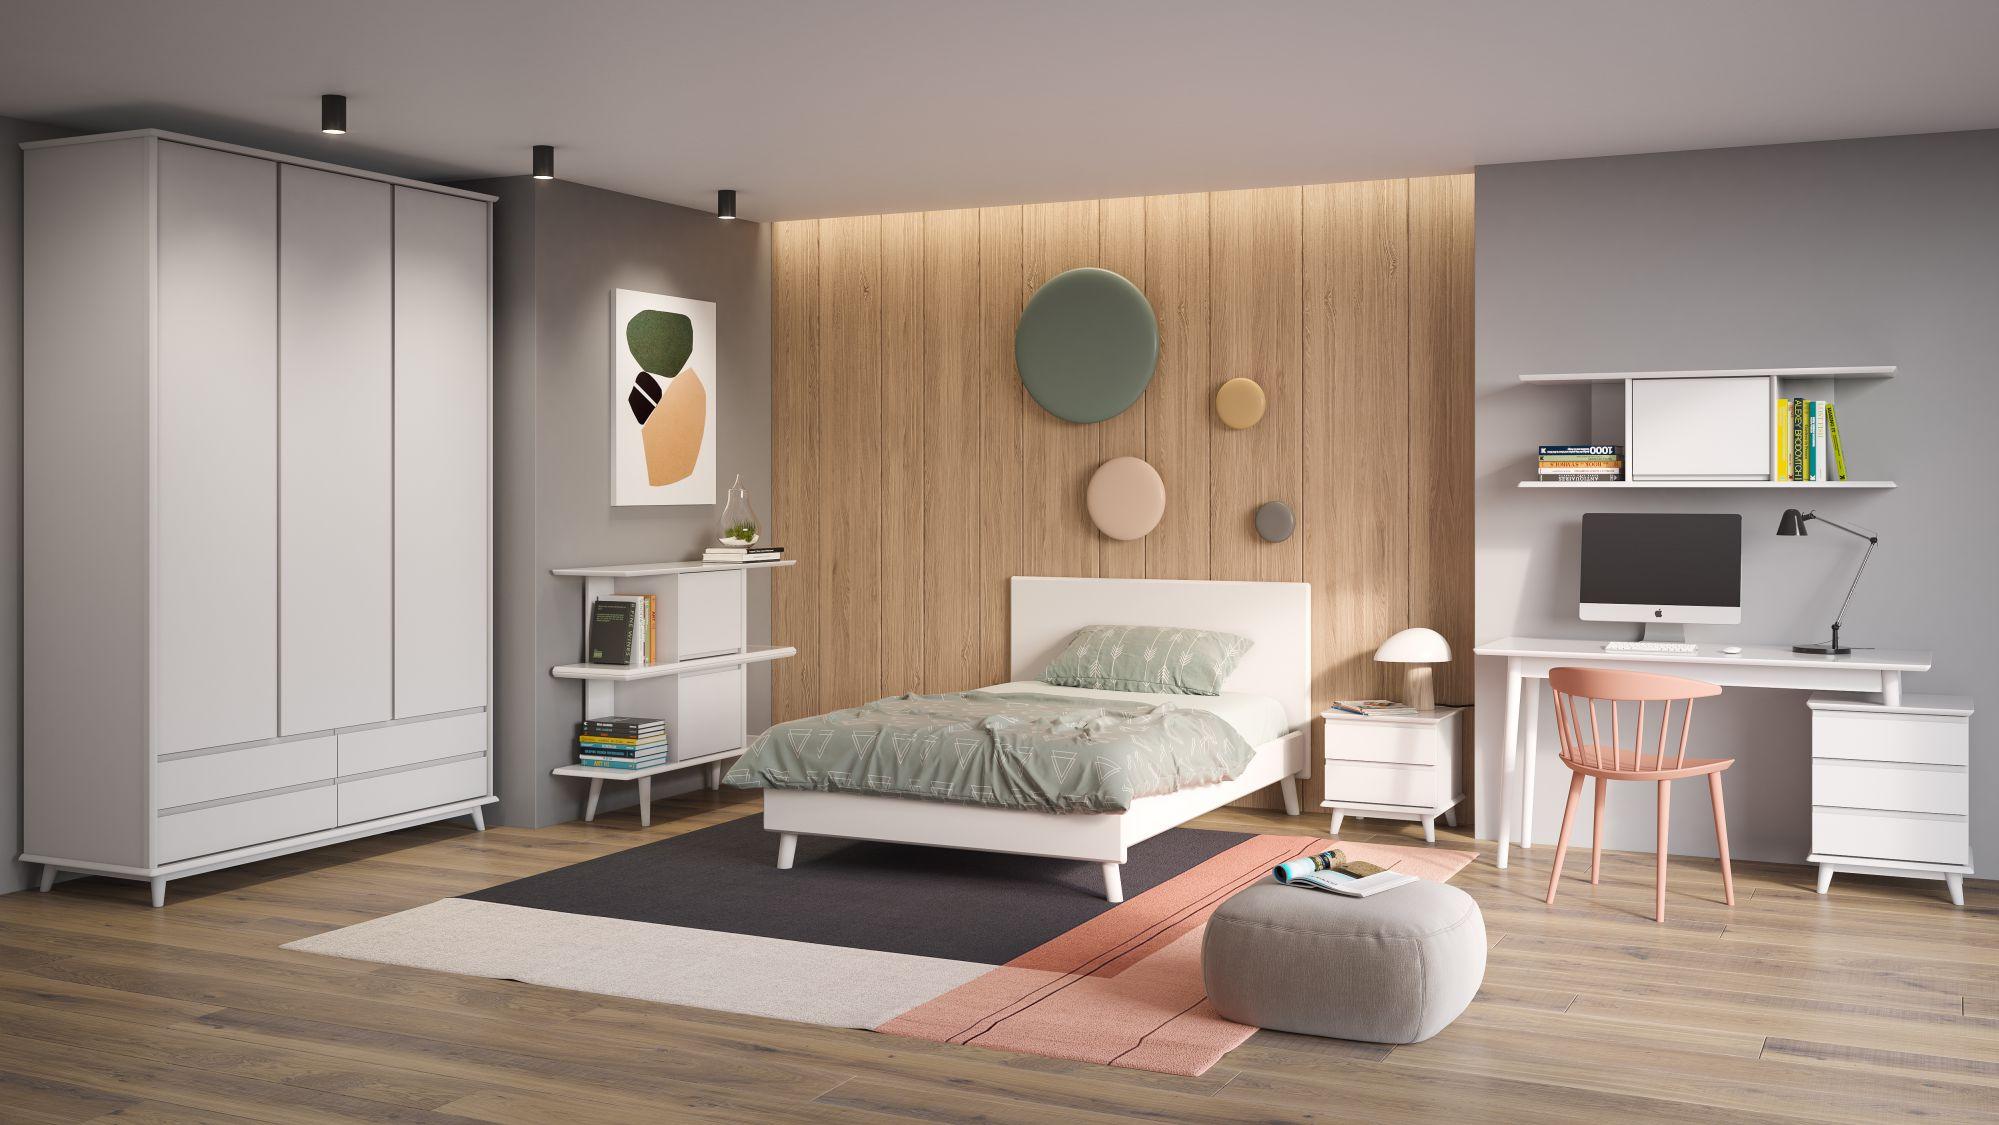 חדר ילדים ונוער- דגם לירון- קולקציה חדשה